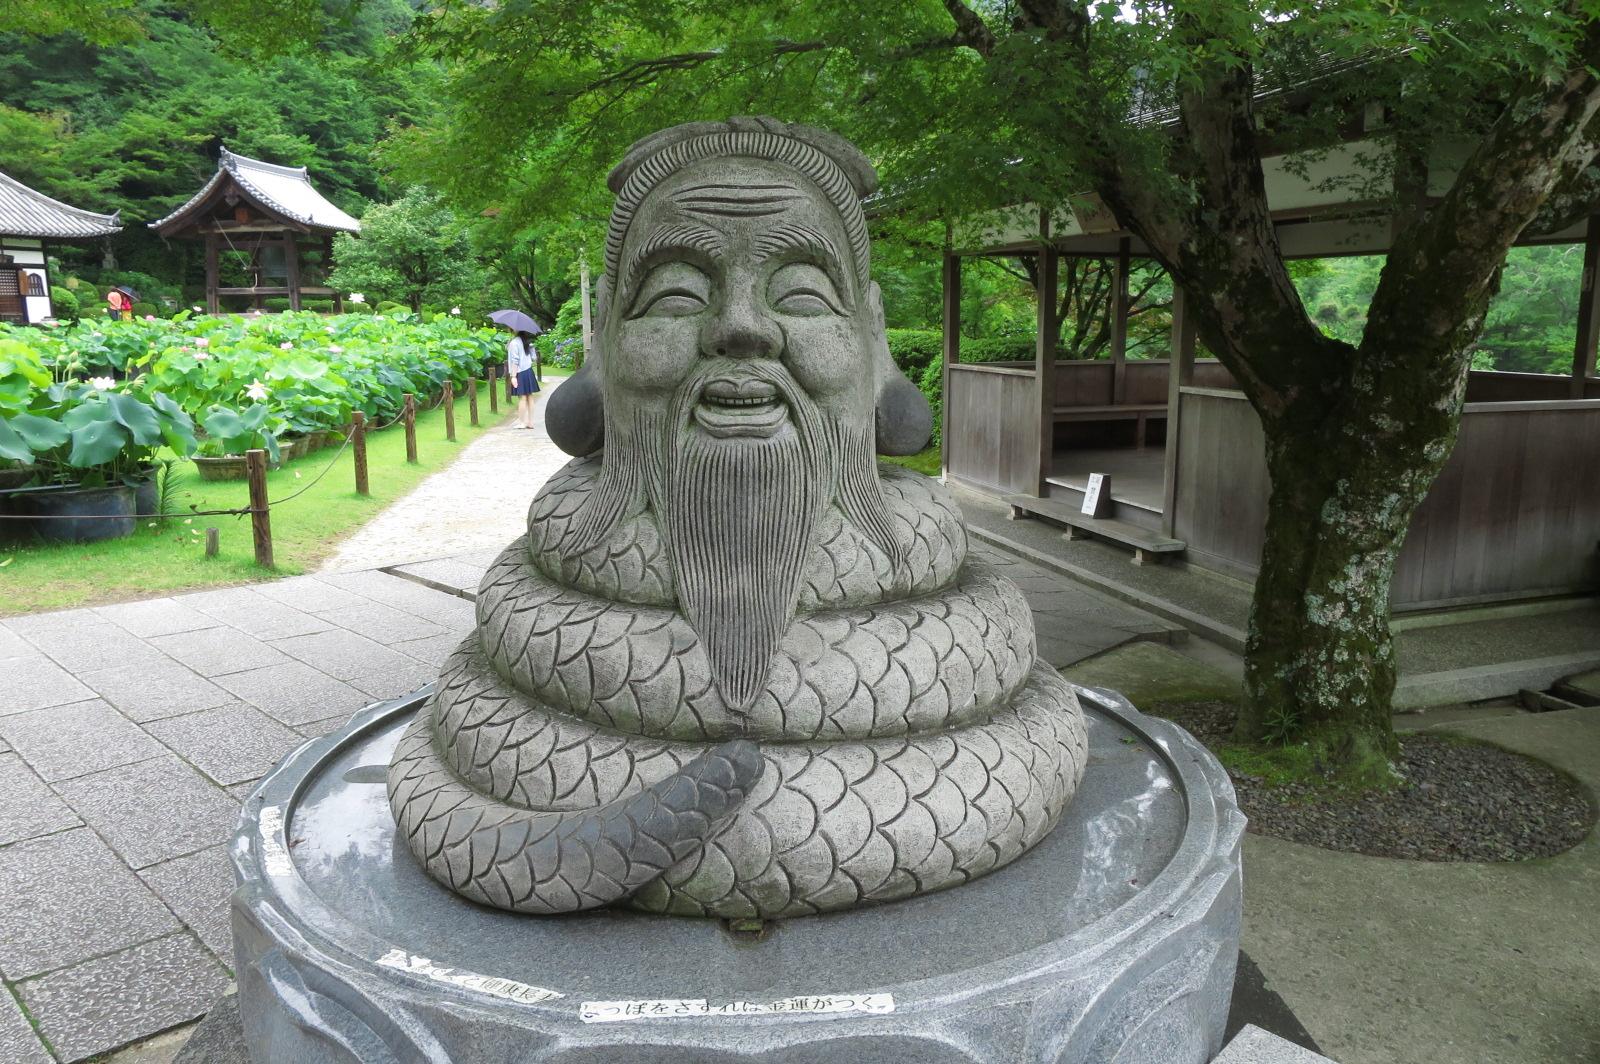 階段を登ったところにある人気の「宇賀神」。耳をさわると福、ヒゲは健康長寿、しっぽは金運がつくそうです